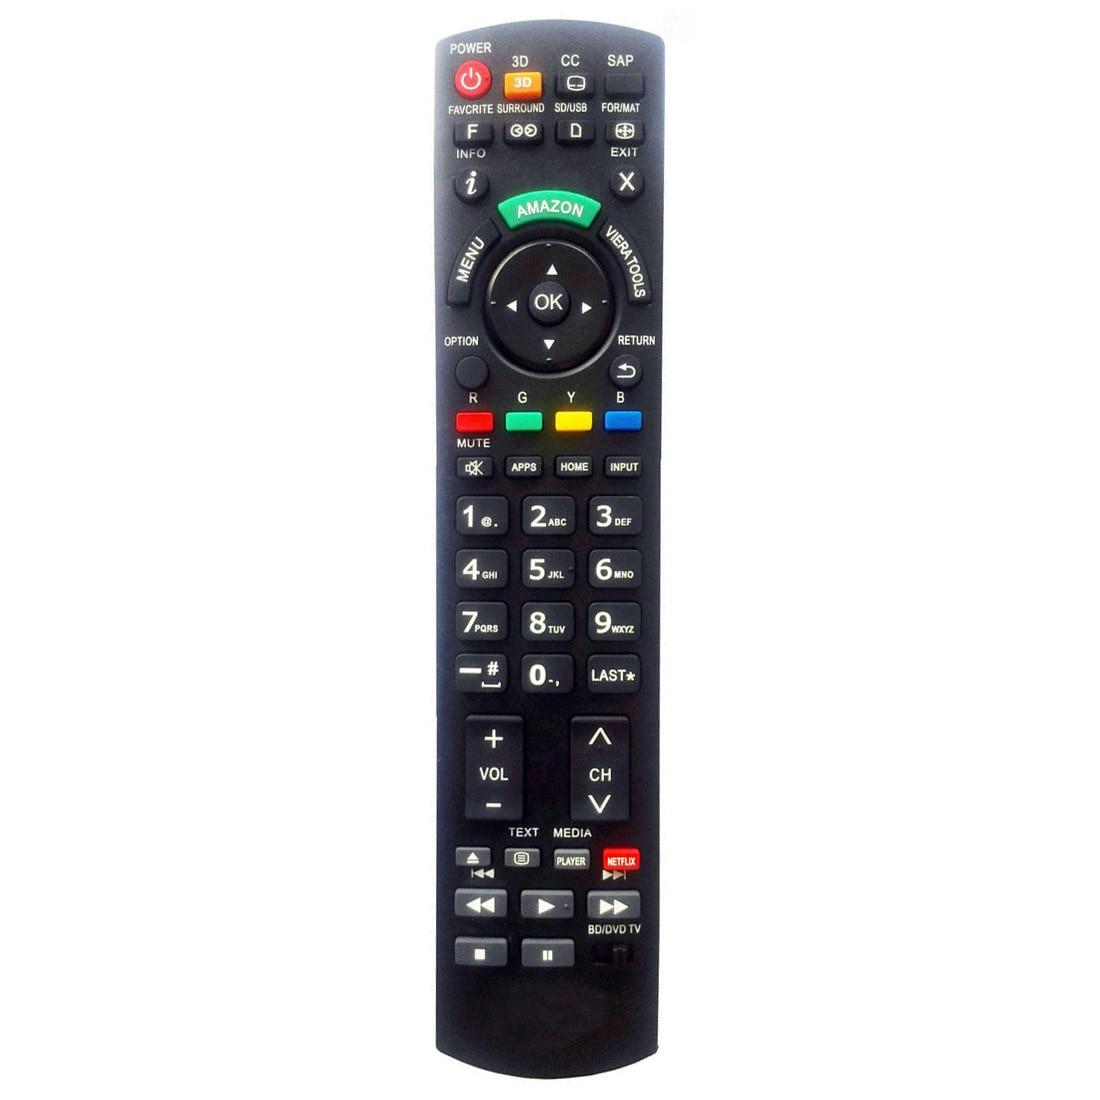 NEW TV Universal Remote For Panasonic N2QAYB000570 N2QAYB000703 N2QAYB000706 new for panasonic tv remote pan 918 for n2qayb000485 n2qayb000100 n2qayb000221